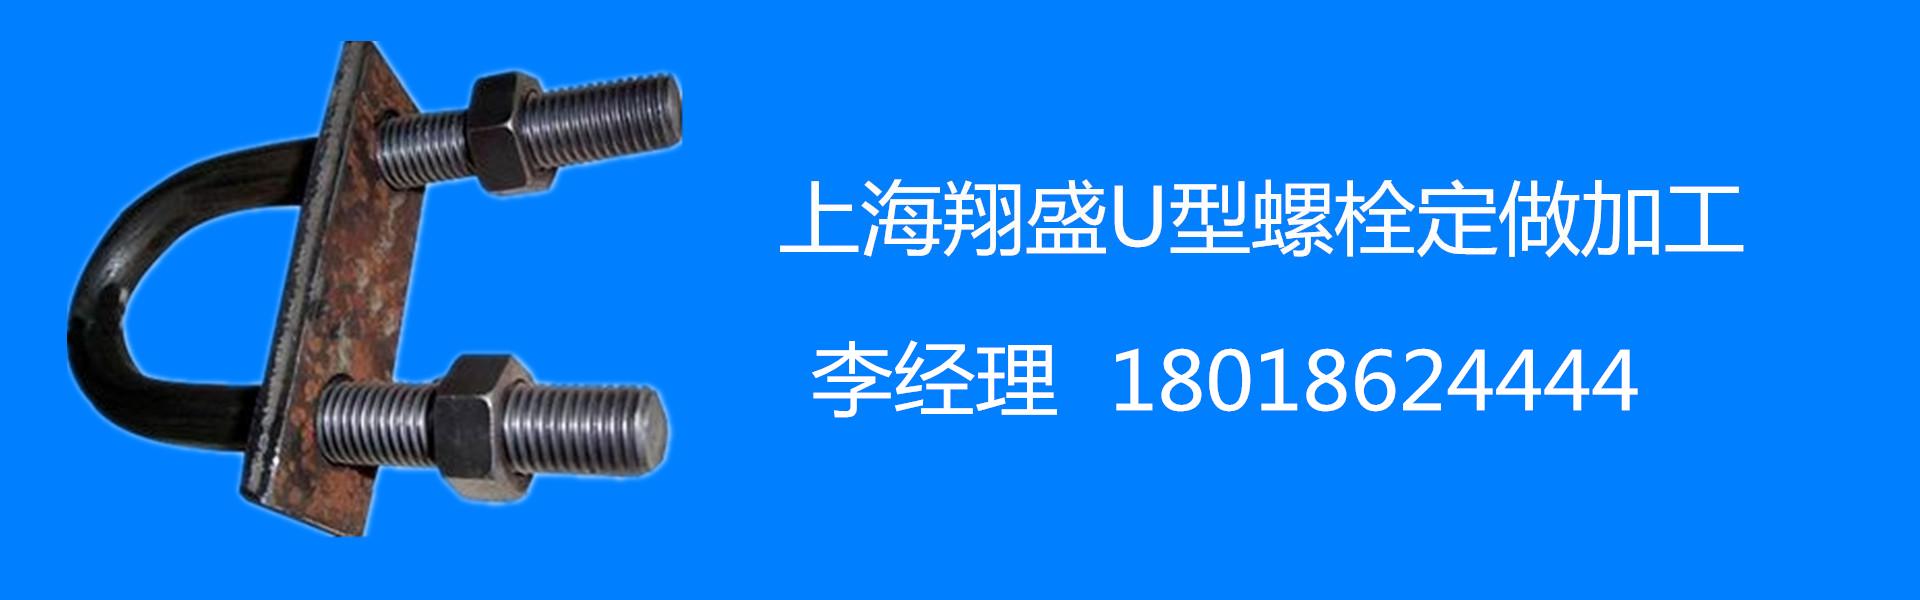 字幕网app破解版下载